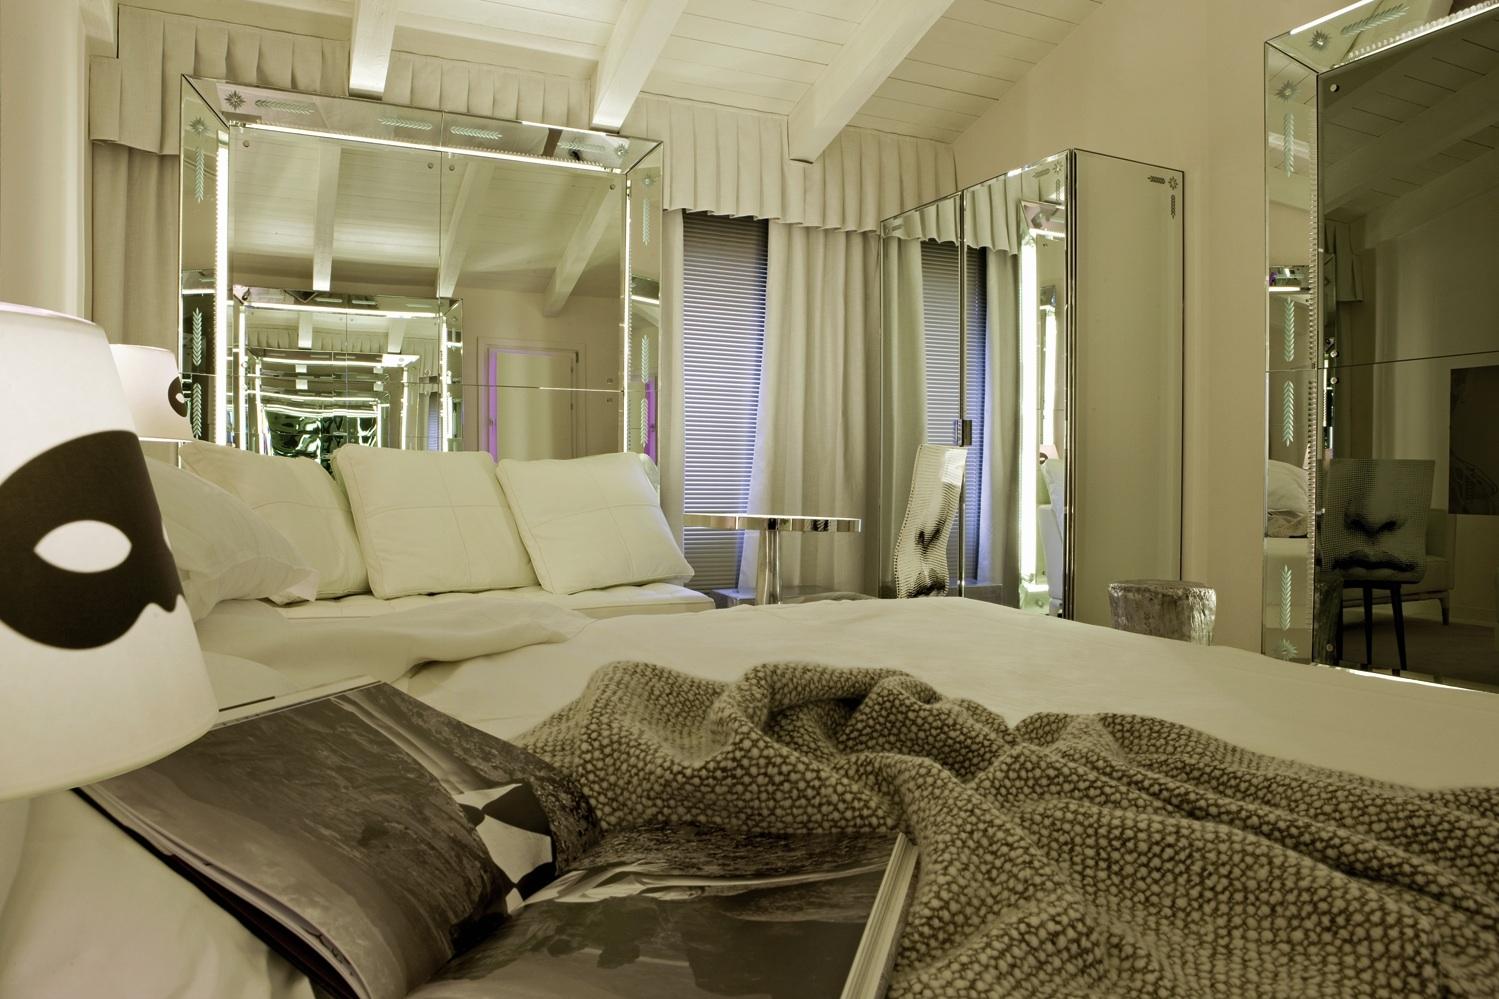 Maison grace philippe starck palazzina grassi hotel venice - Maison philippe starck ...